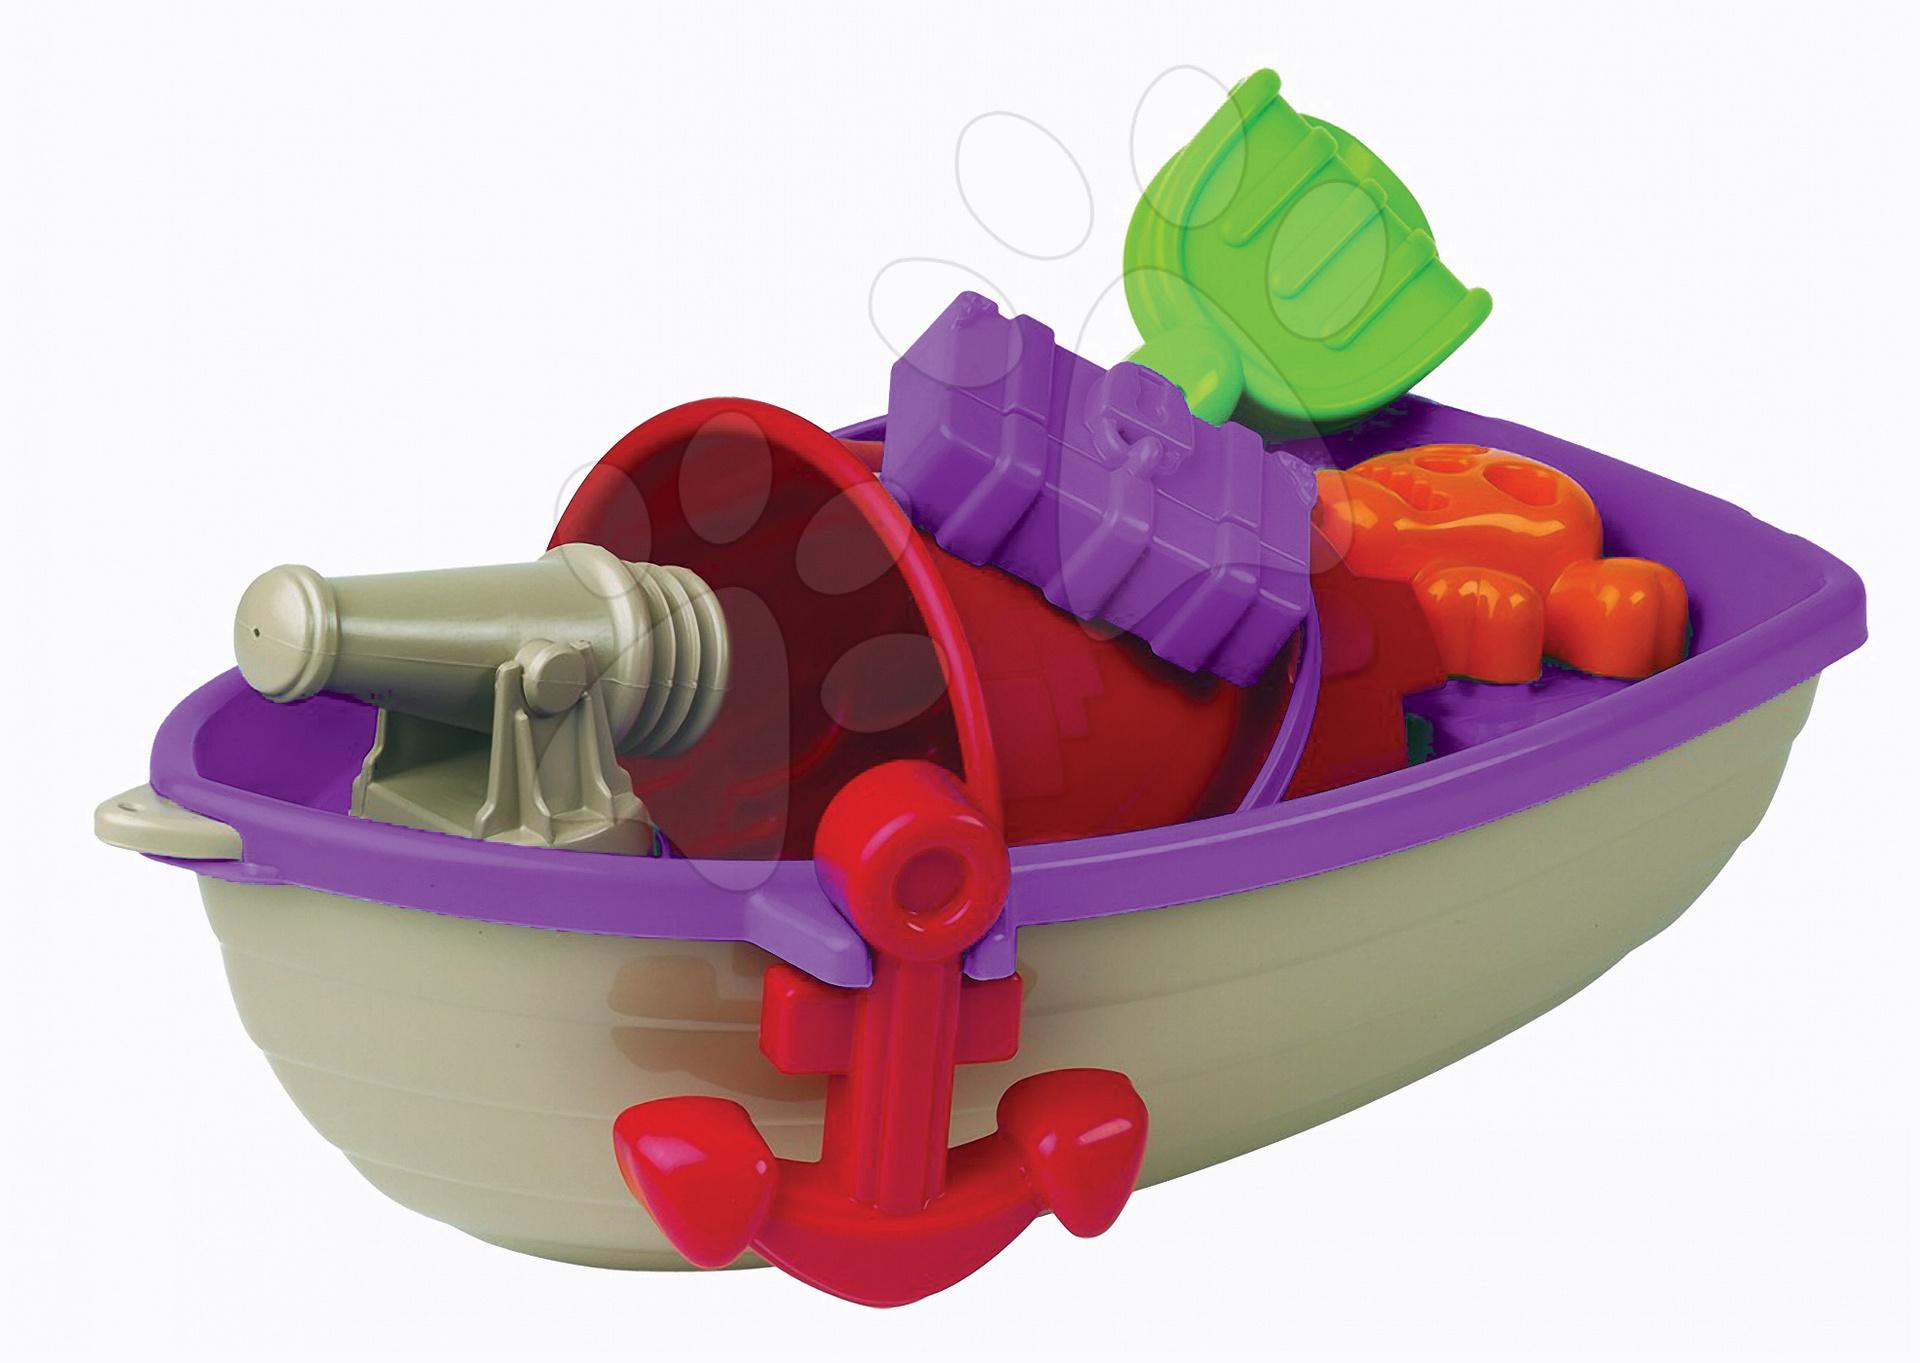 Lodě do písku - Pirátská loď s vědro setem Écoiffier 6 dílů (délka 40 cm) fialovo-šedá od 18 měsíců